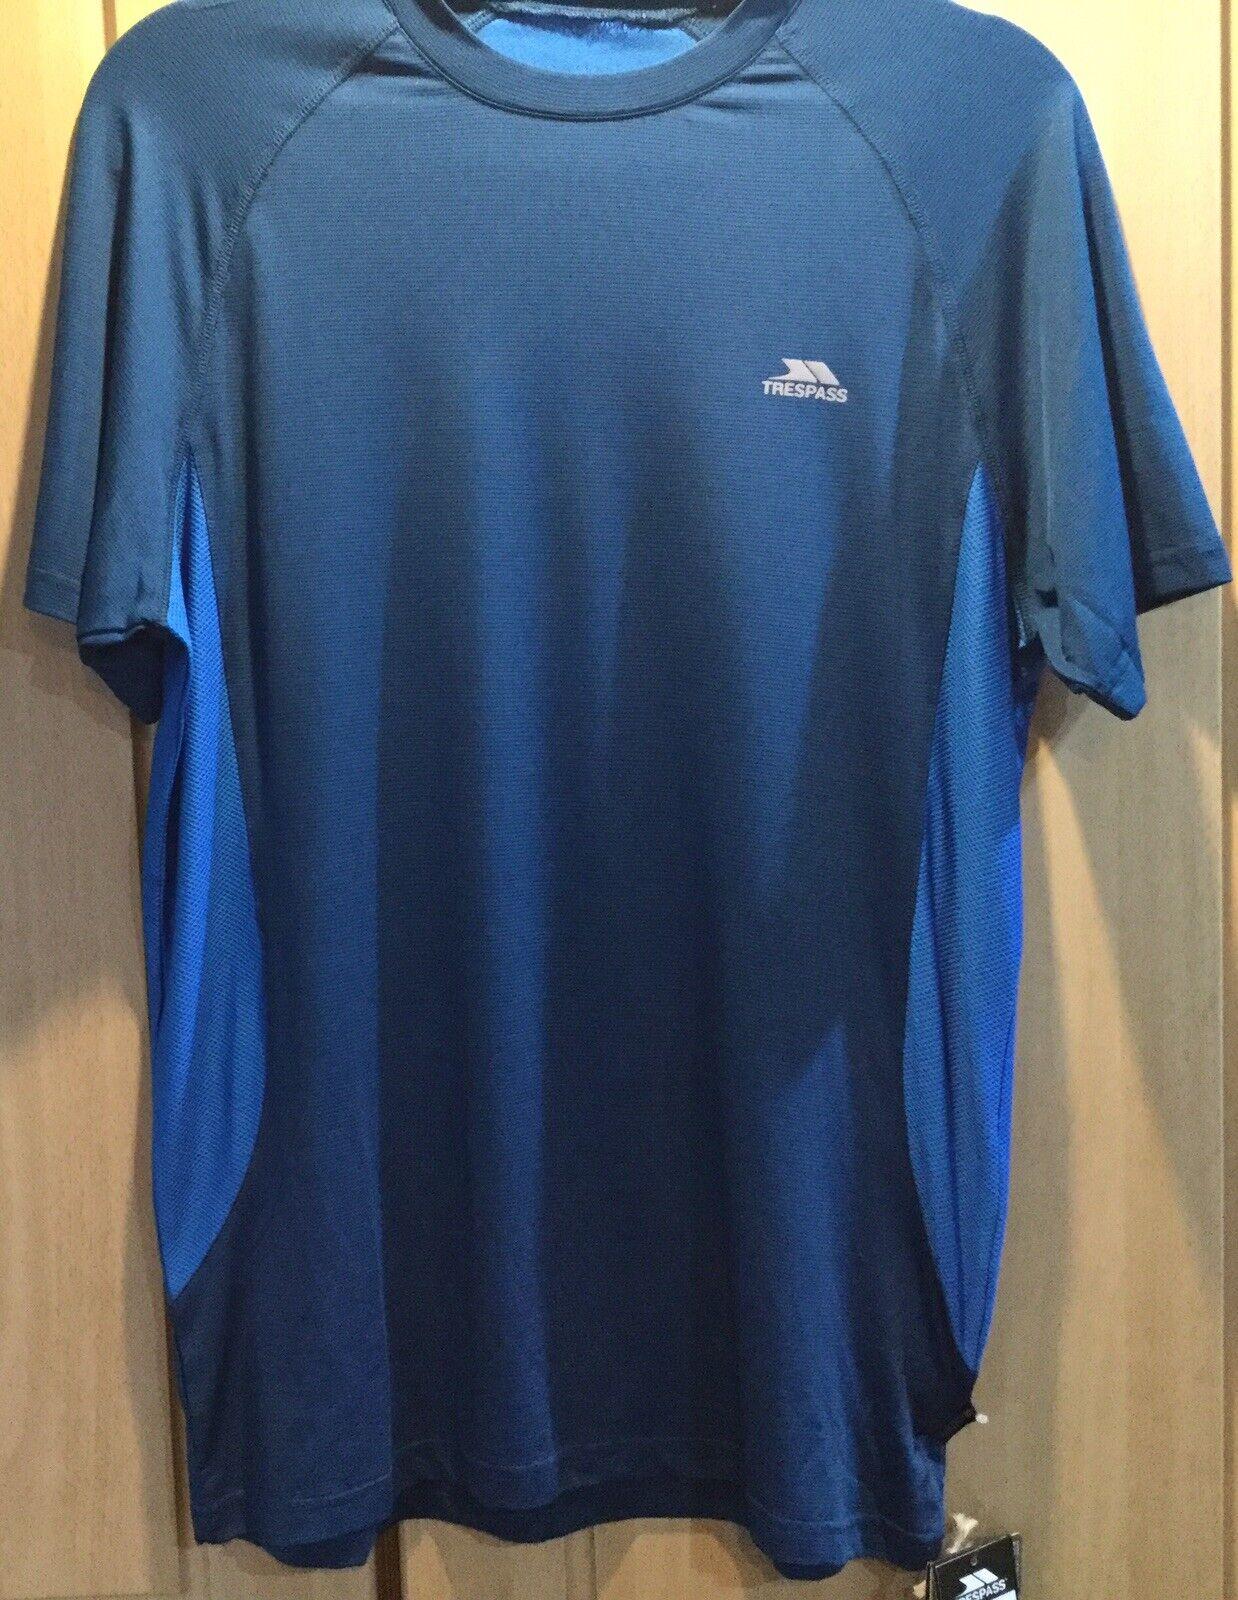 Trespass Blue Activewear/running/fitness T Shirt Size S